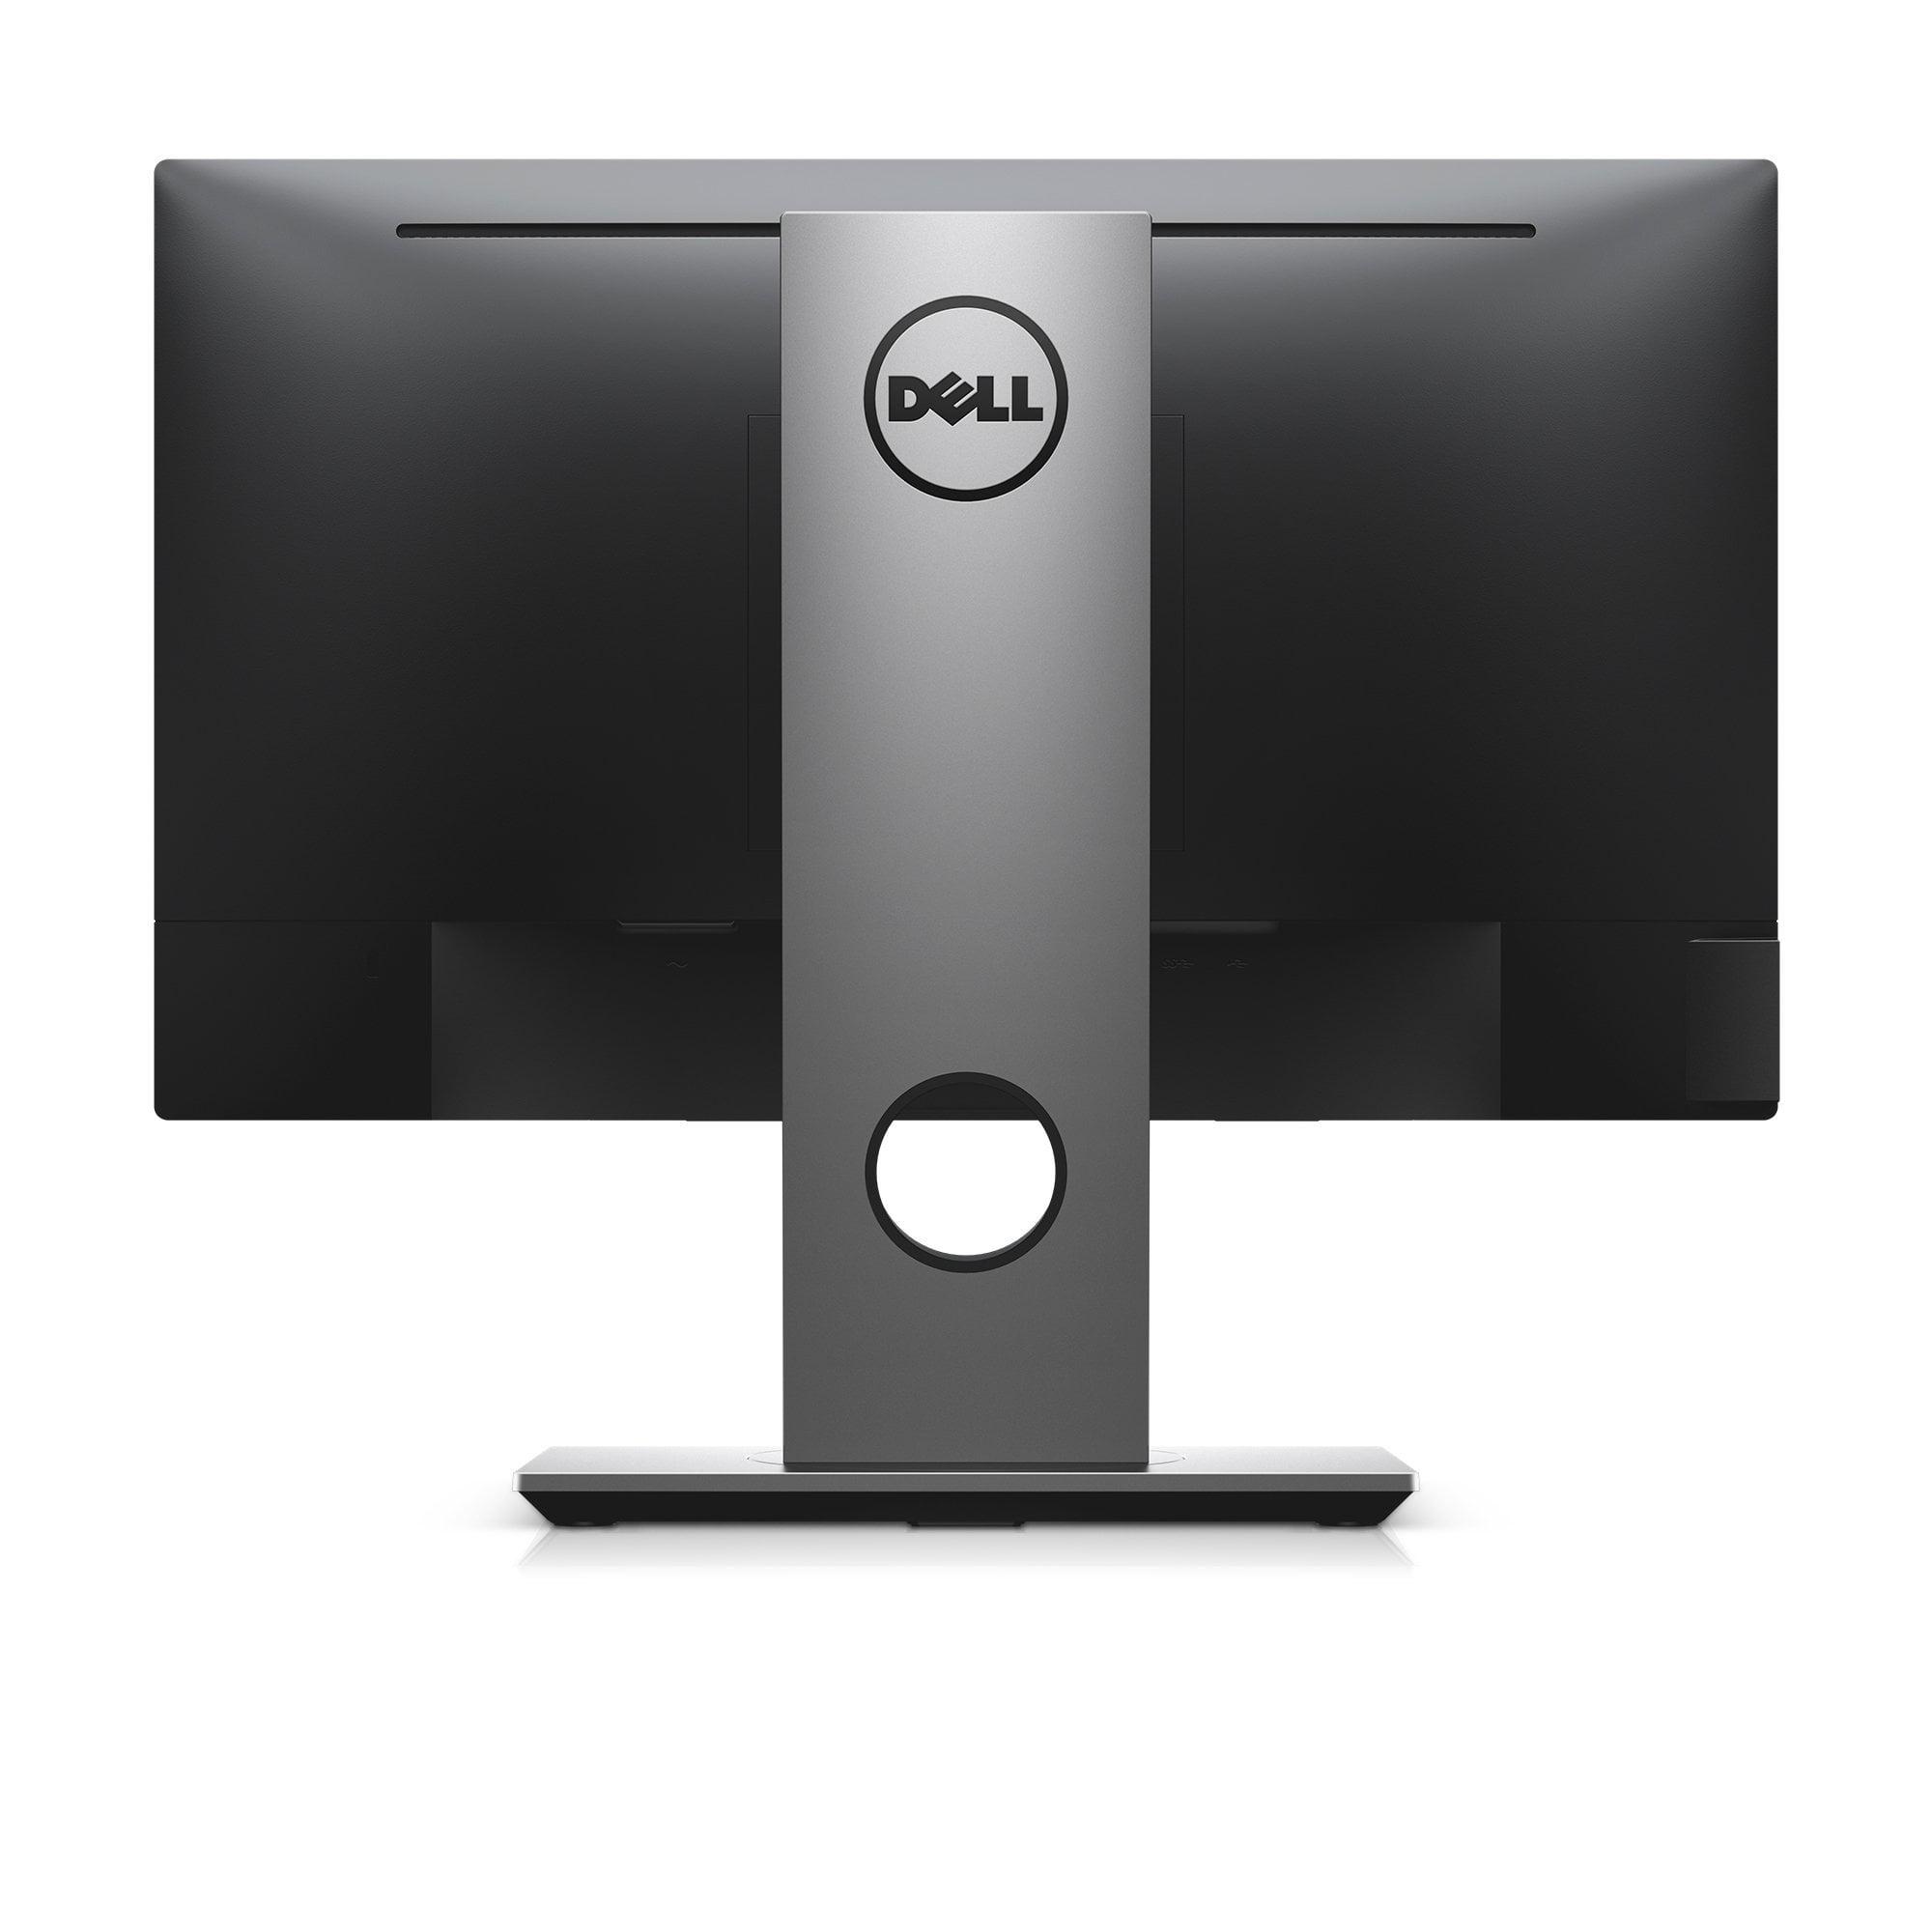 Dell P2017h 19.5